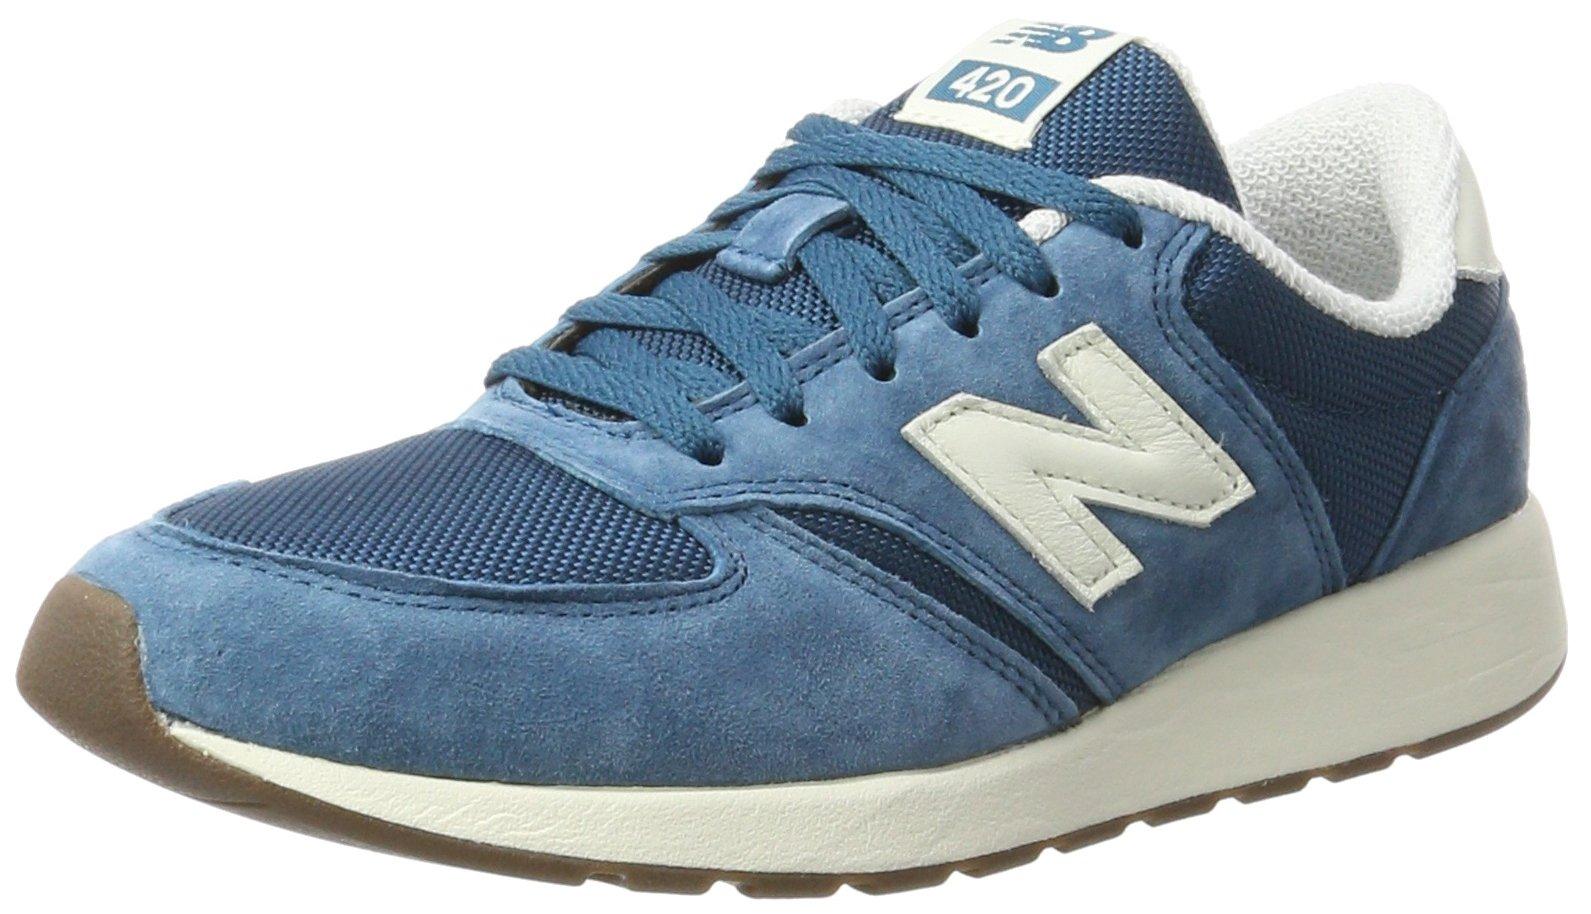 Blue39 Mrl420Running Eu FemmeBleumoroccan Balance New nO0wPk